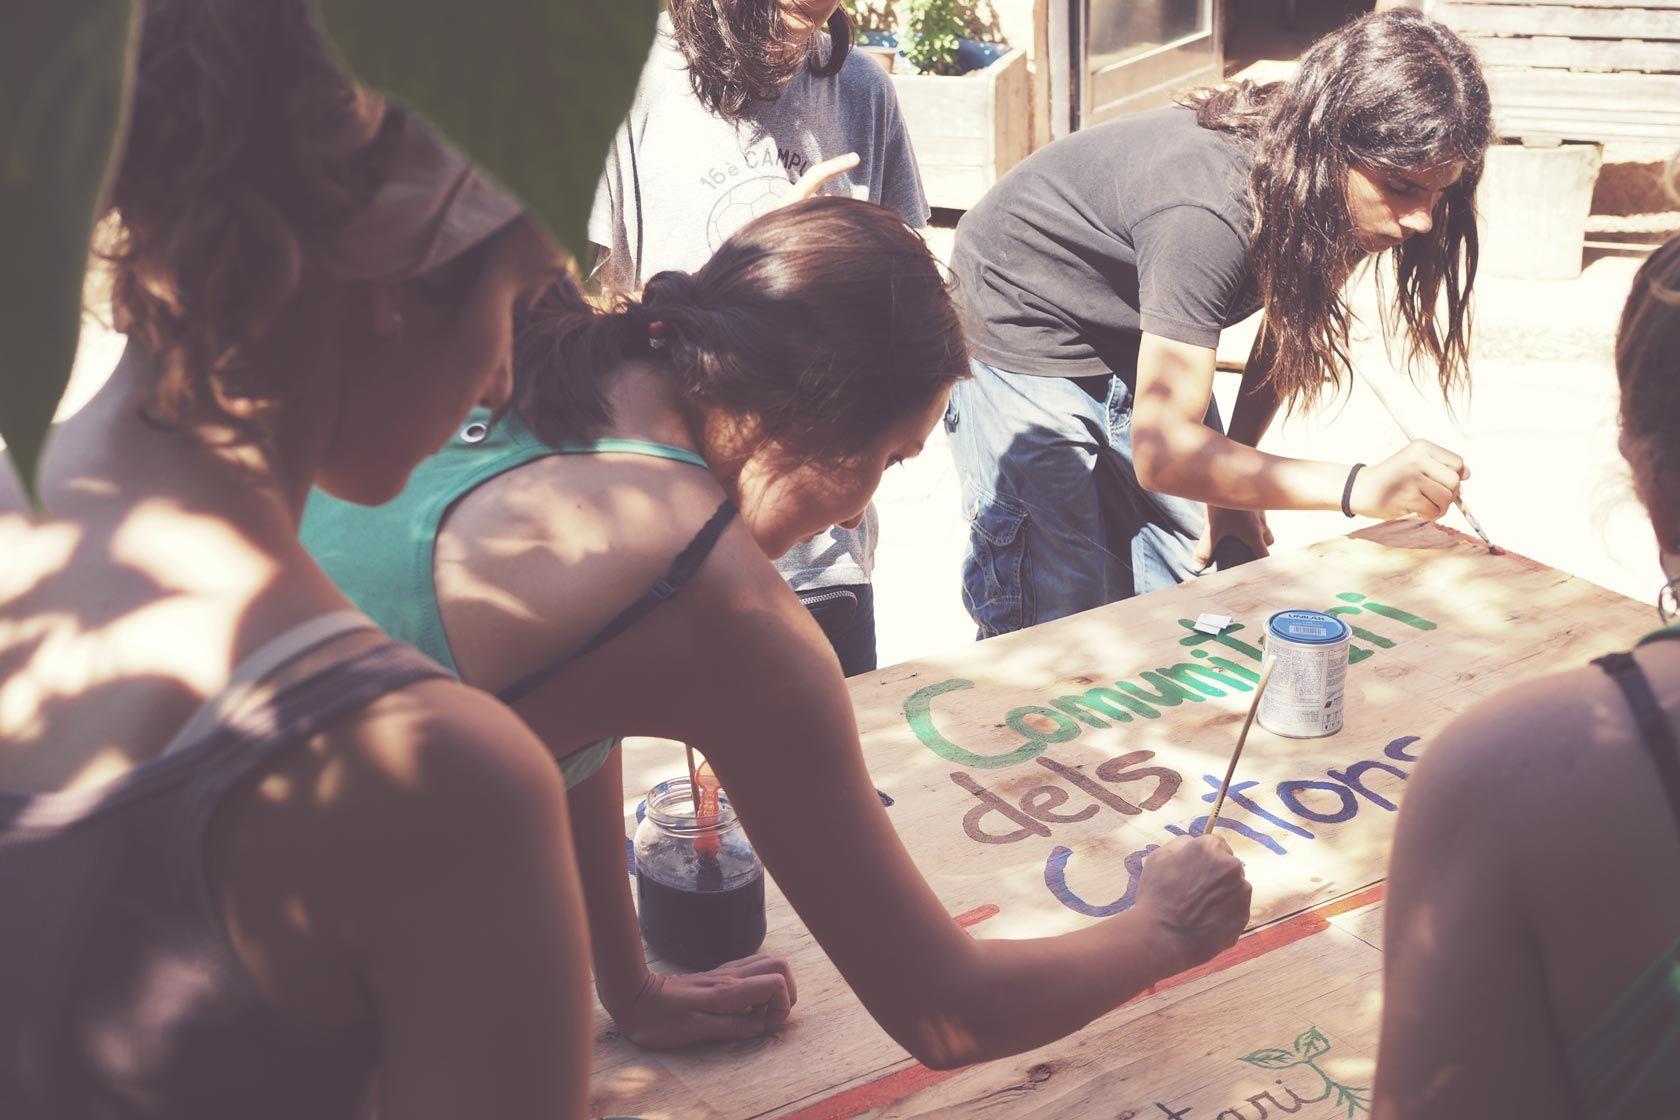 camps de treball organitzats per l'SCI al territori de parla catalana